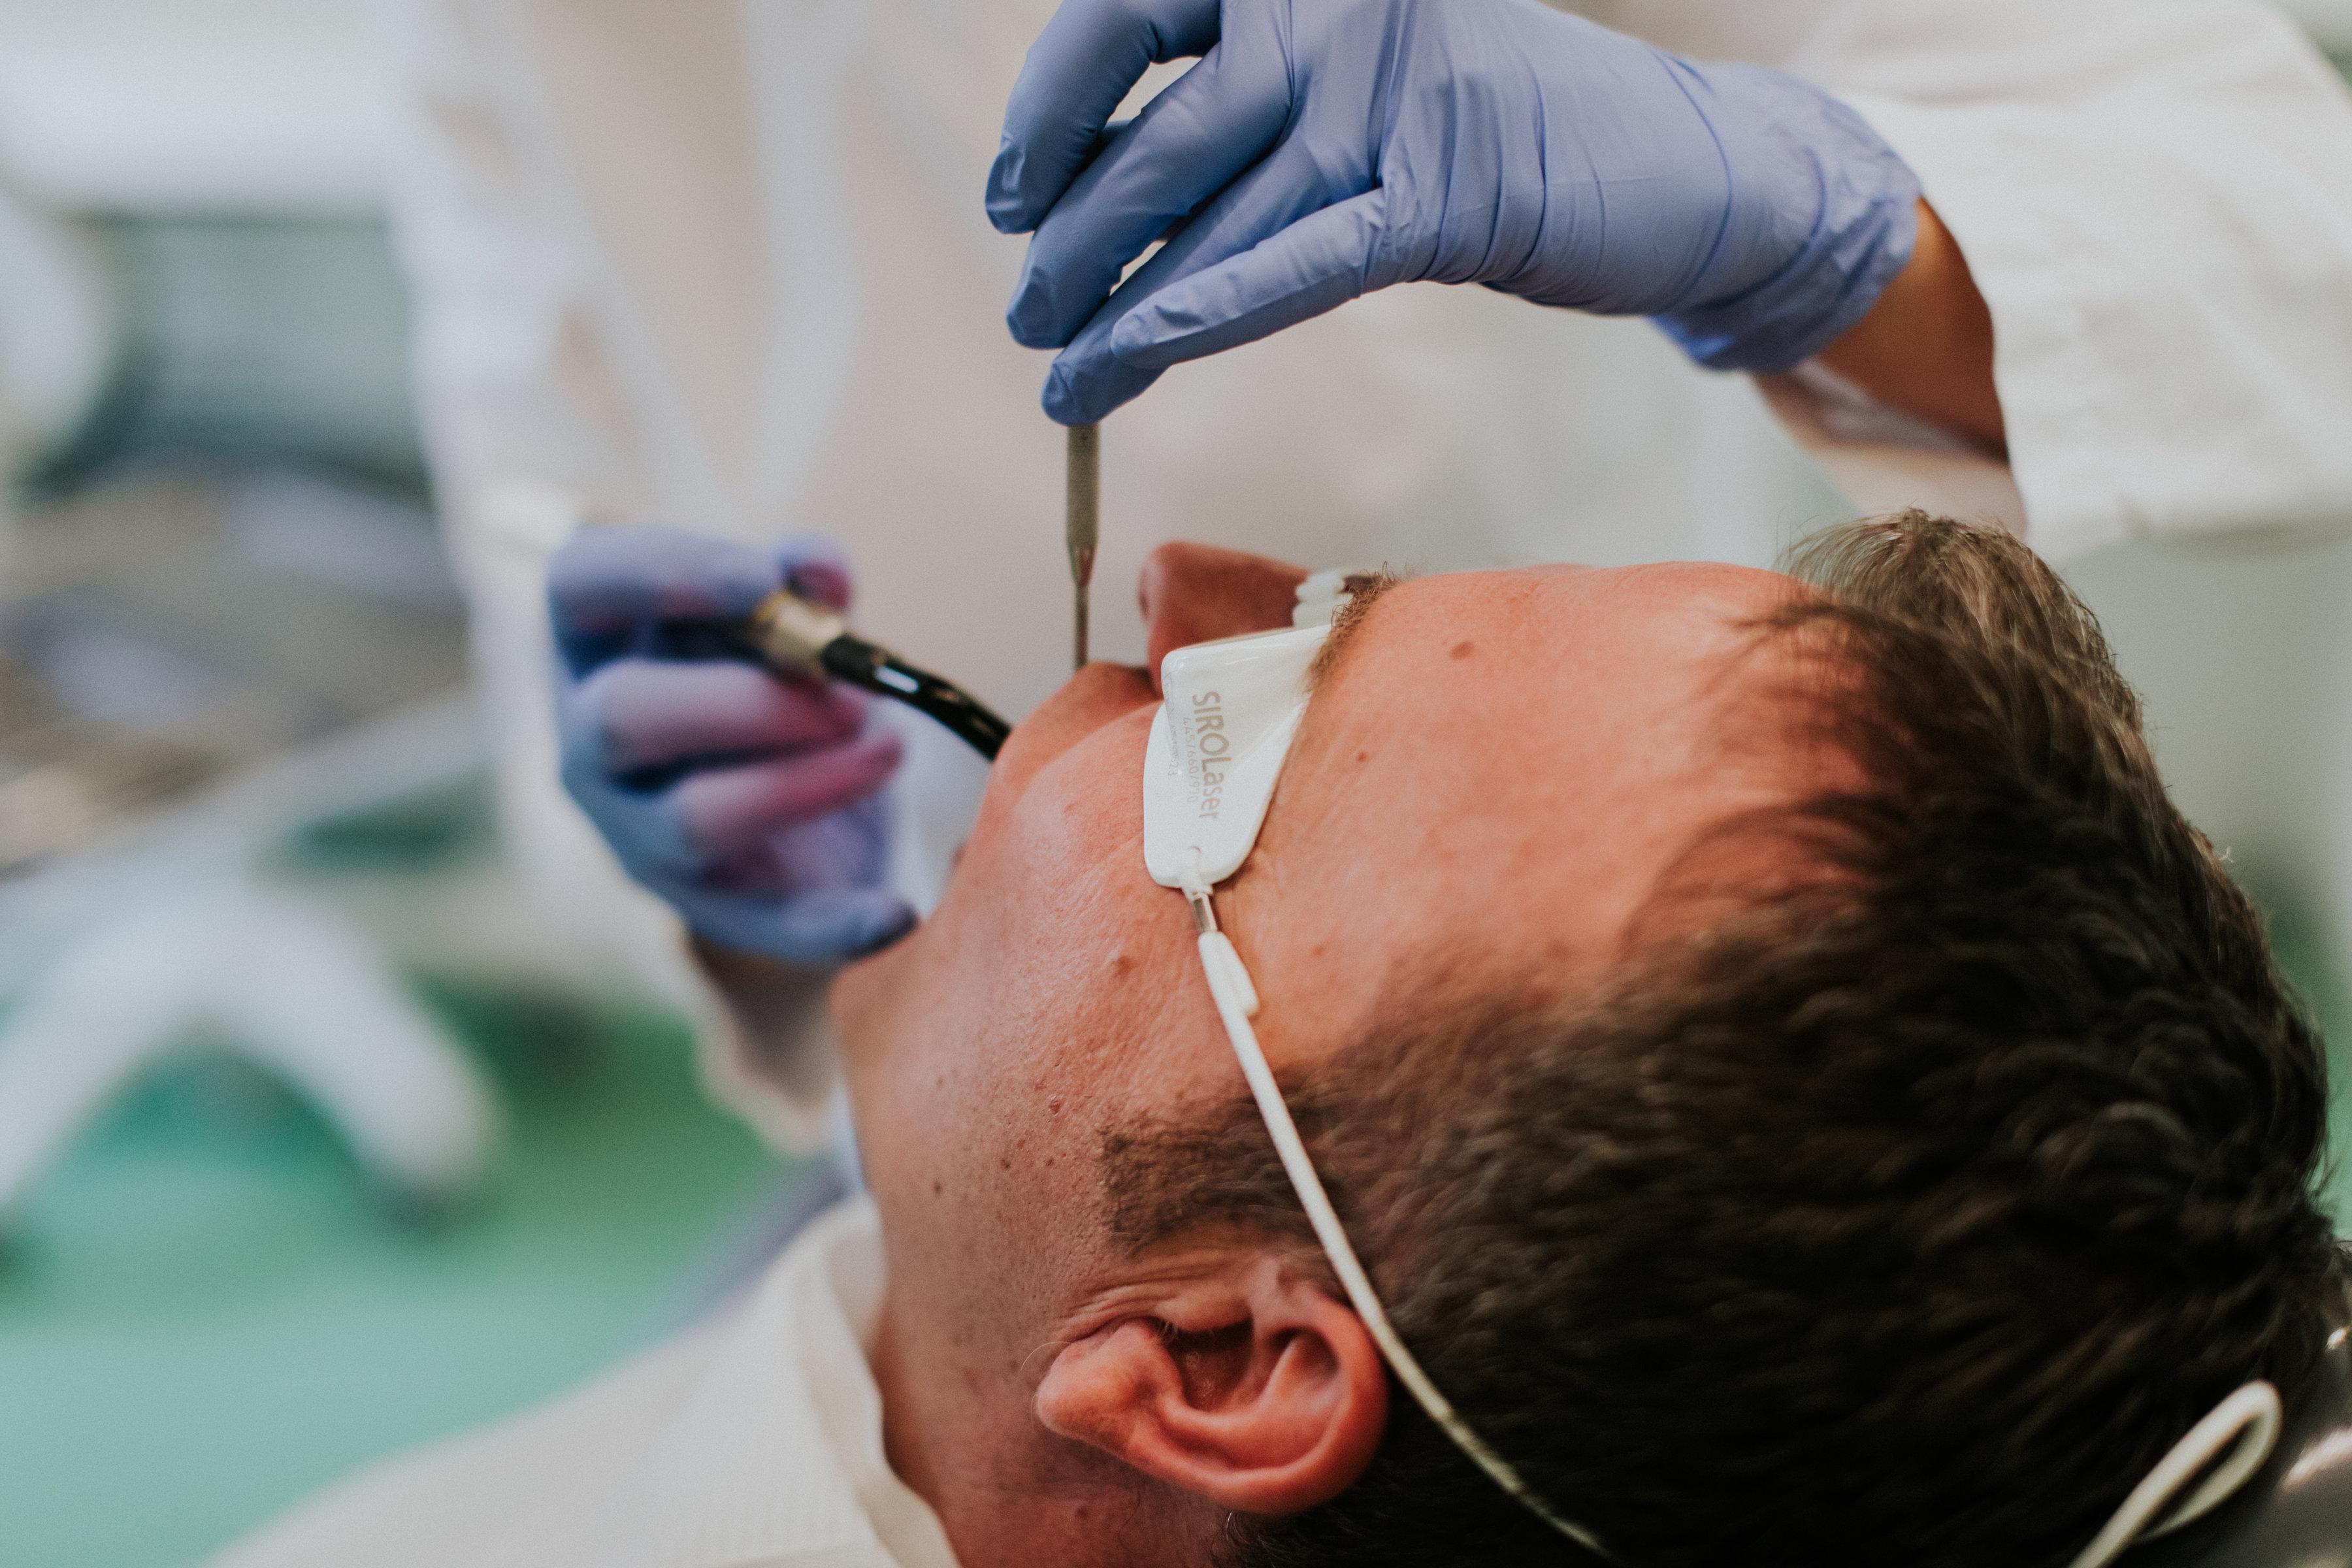 dentalni laser, oralna kirurgija, laserski zahvat, ordinacija sanja vuić, zagreb